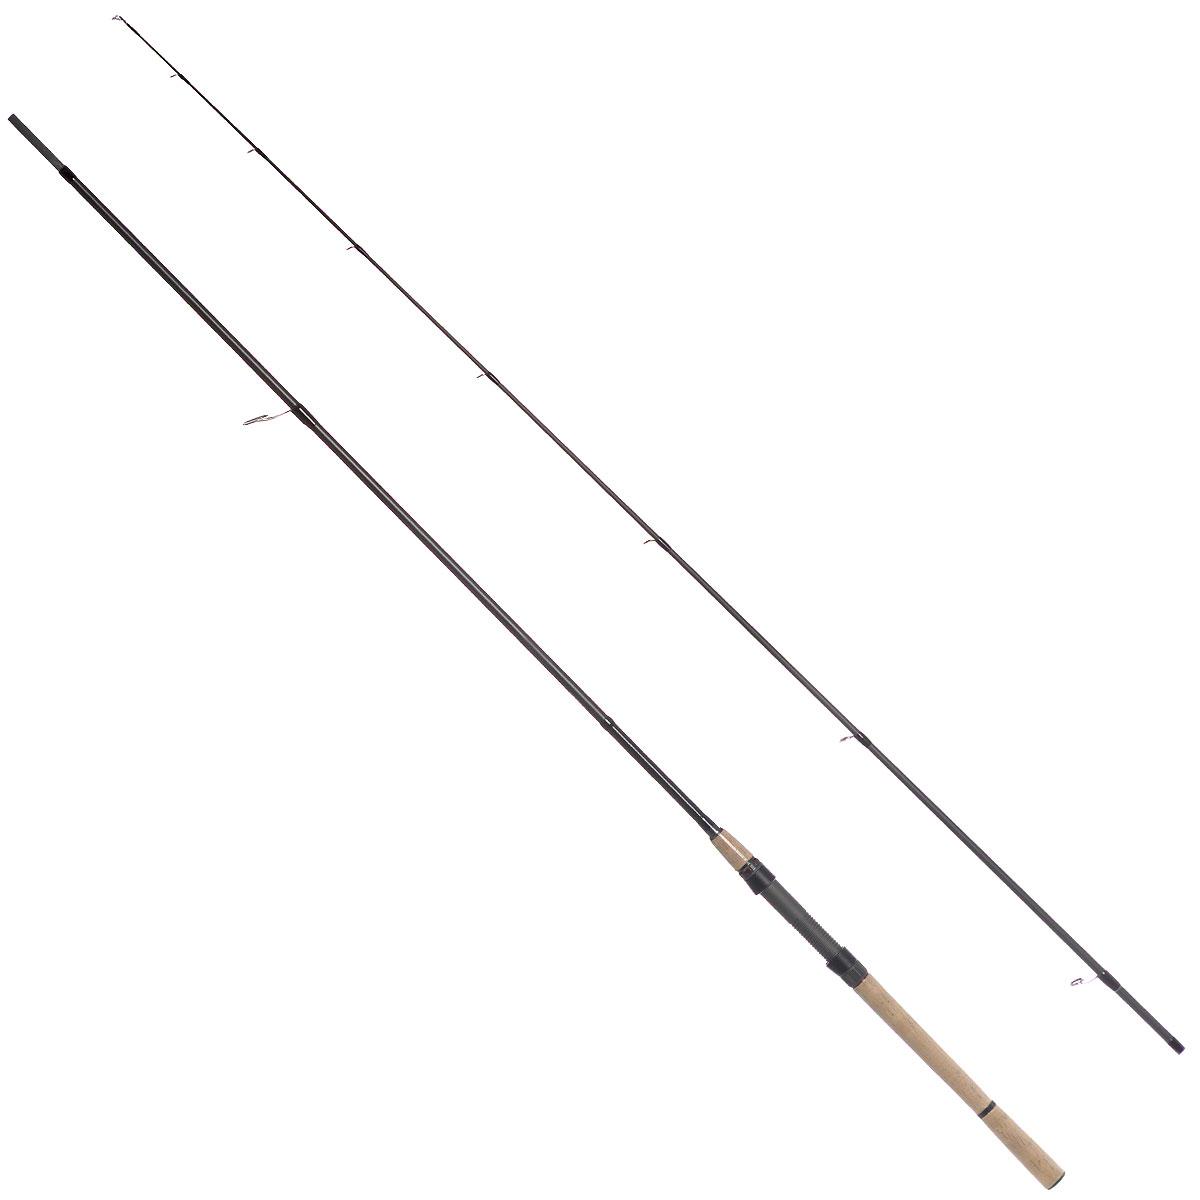 Спиннинг штекерный Daiwa Infinity-Q NEW Jigger, 2,70 м, 8-35 г спиннинг штекерный onlitop matrix 2 7 м 40 80 г